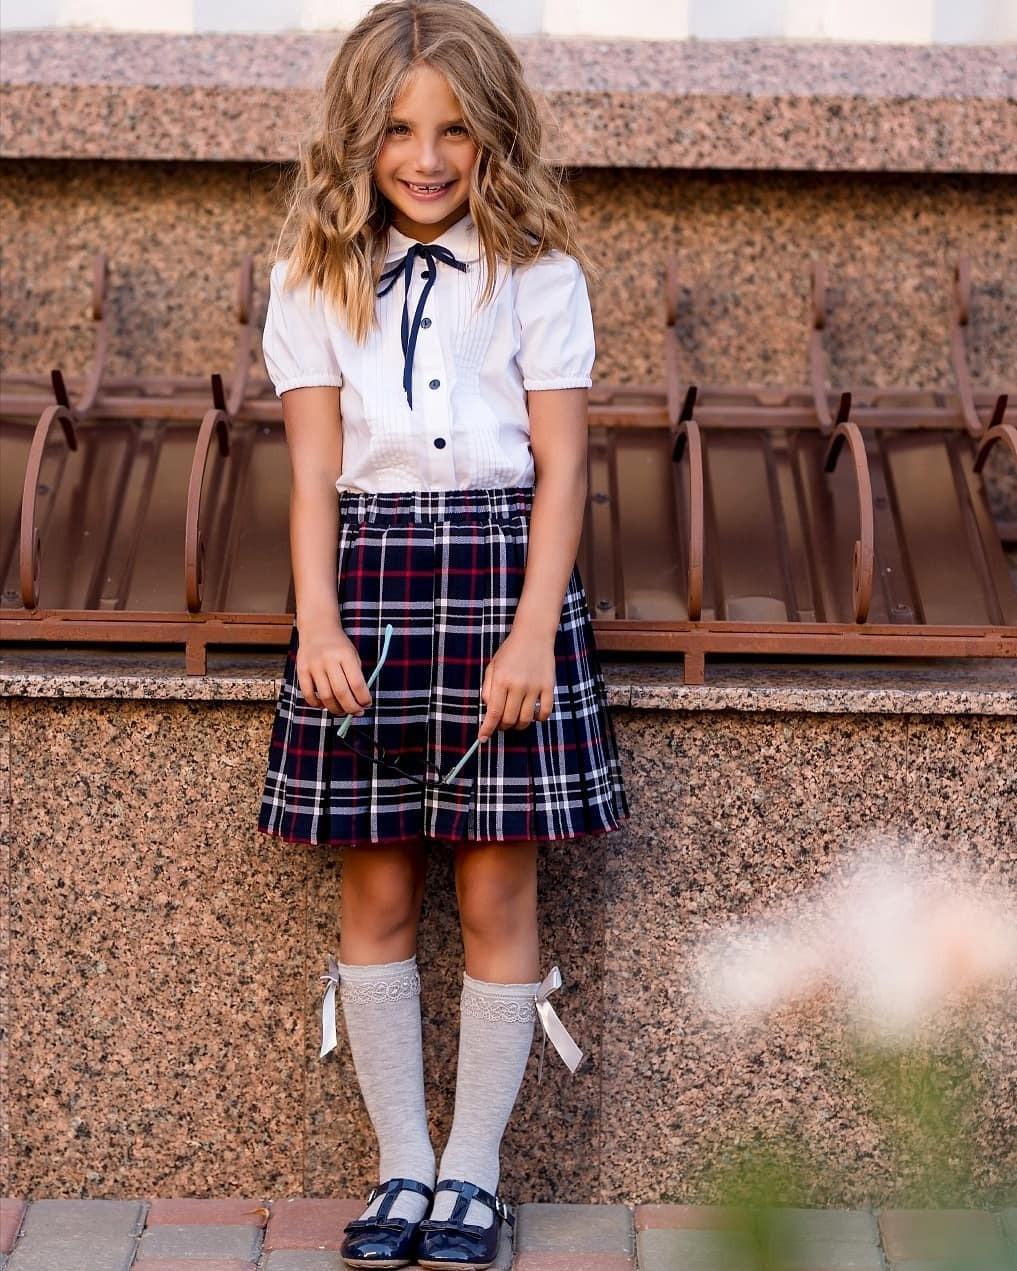 Клетка внаступающем сезоне пользуется огромной популярностью. Позволь своей дочке стать самой модной вклассе! Дляэтого стоит выбрать юбку непривычного черного цвета, а изклетчатой тк...